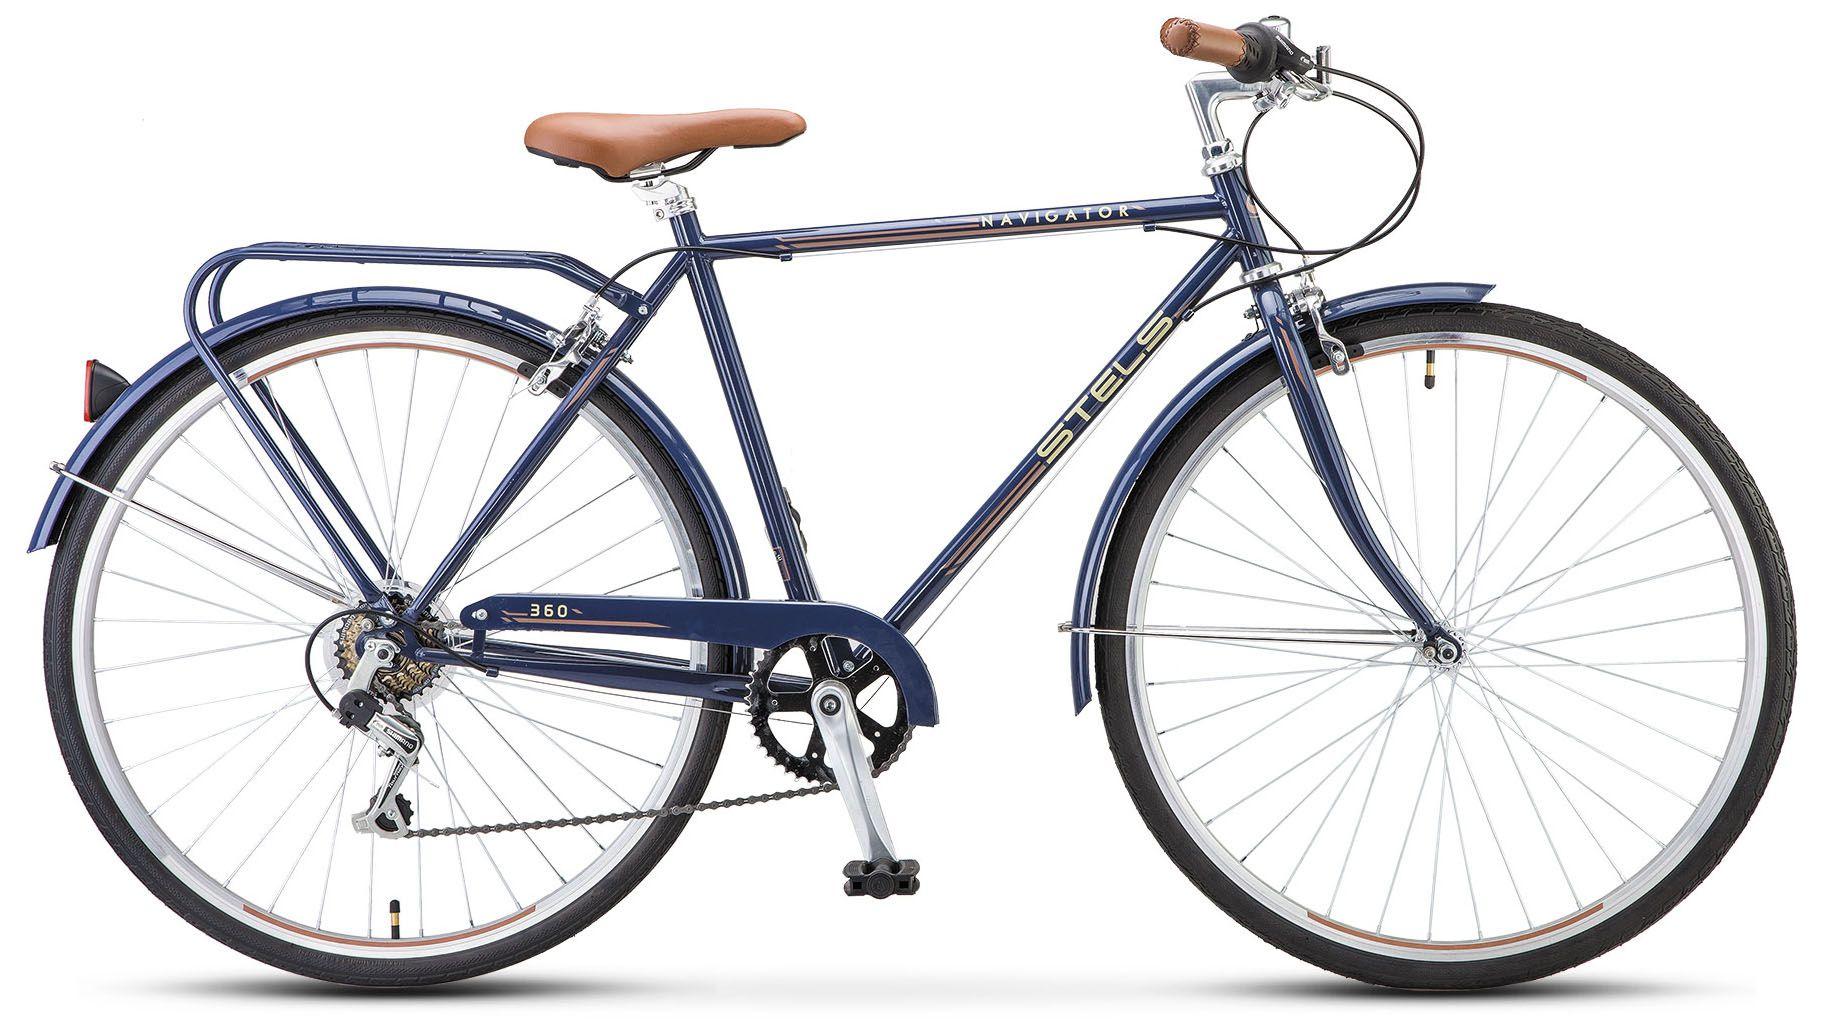 купить Велосипед Stels Navigator 360 Gent 28 2018 недорого